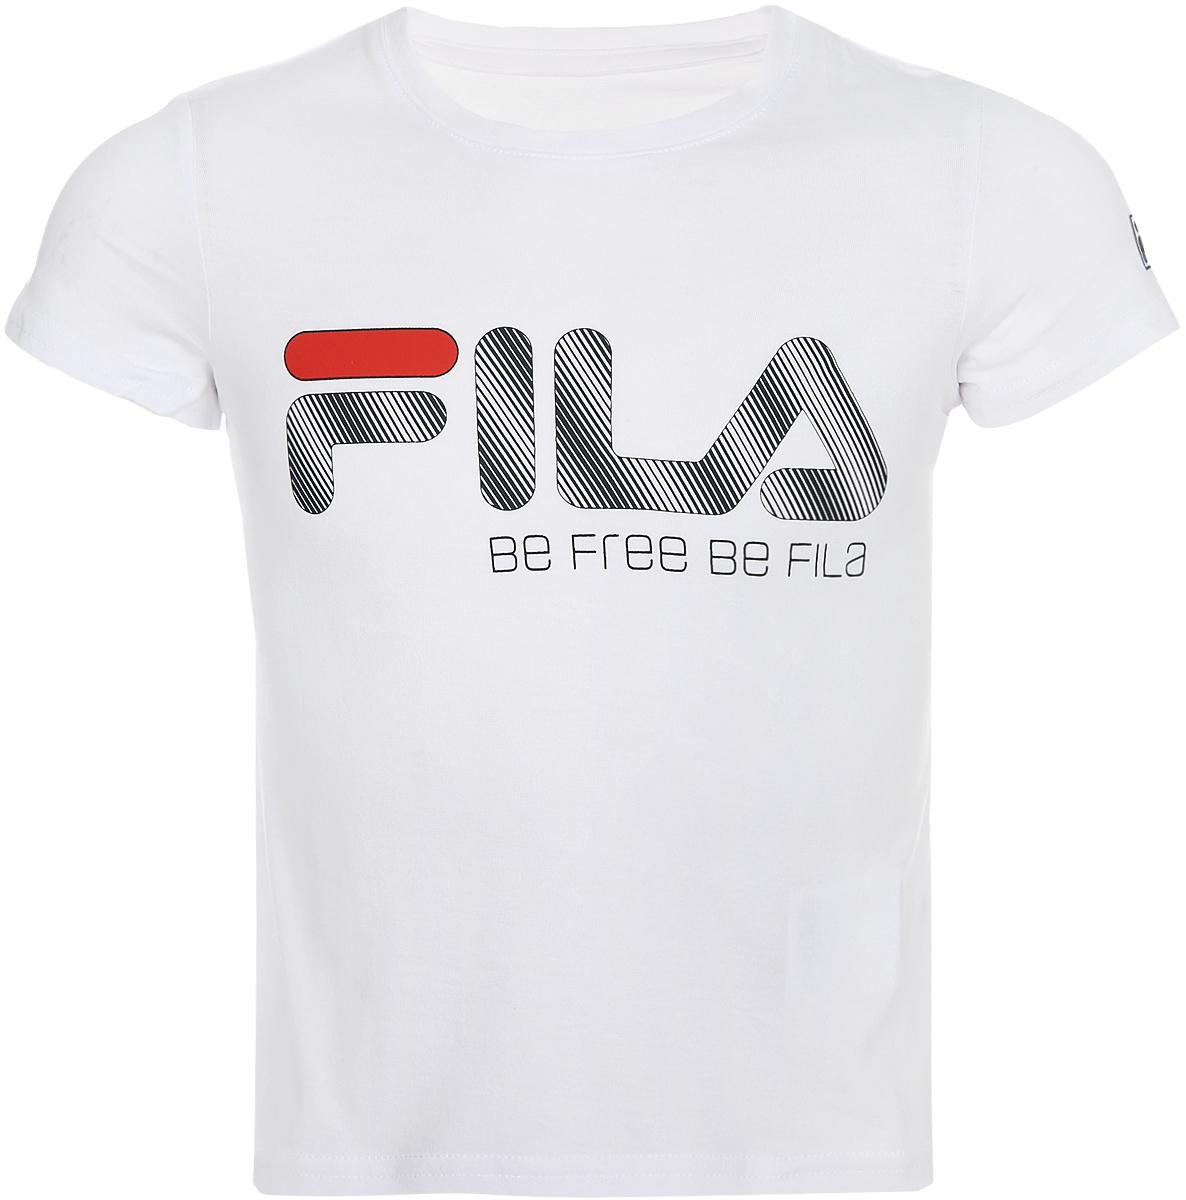 Футболка для мальчика Fila, цвет: белый. A19AFLTSC01-00. Размер 104 футболка для девочки fila цвет белый a19afltsg02 00 размер 164